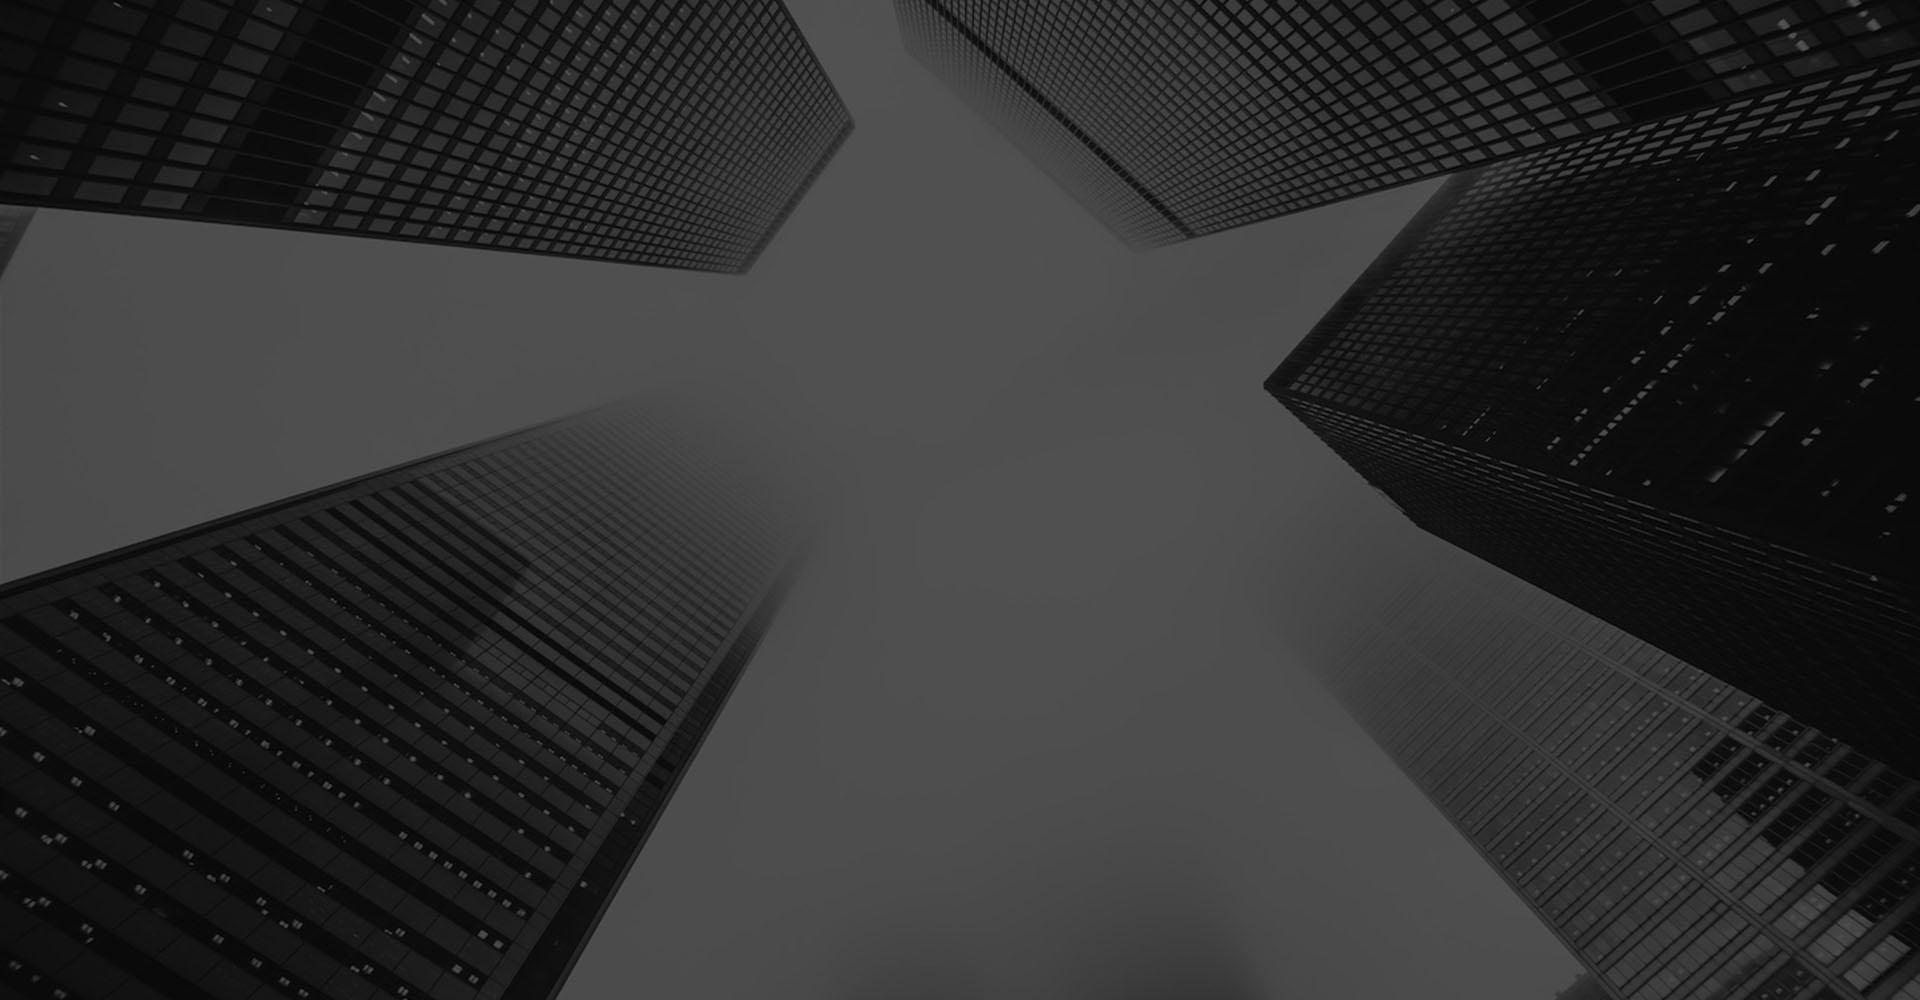 Ombud background image